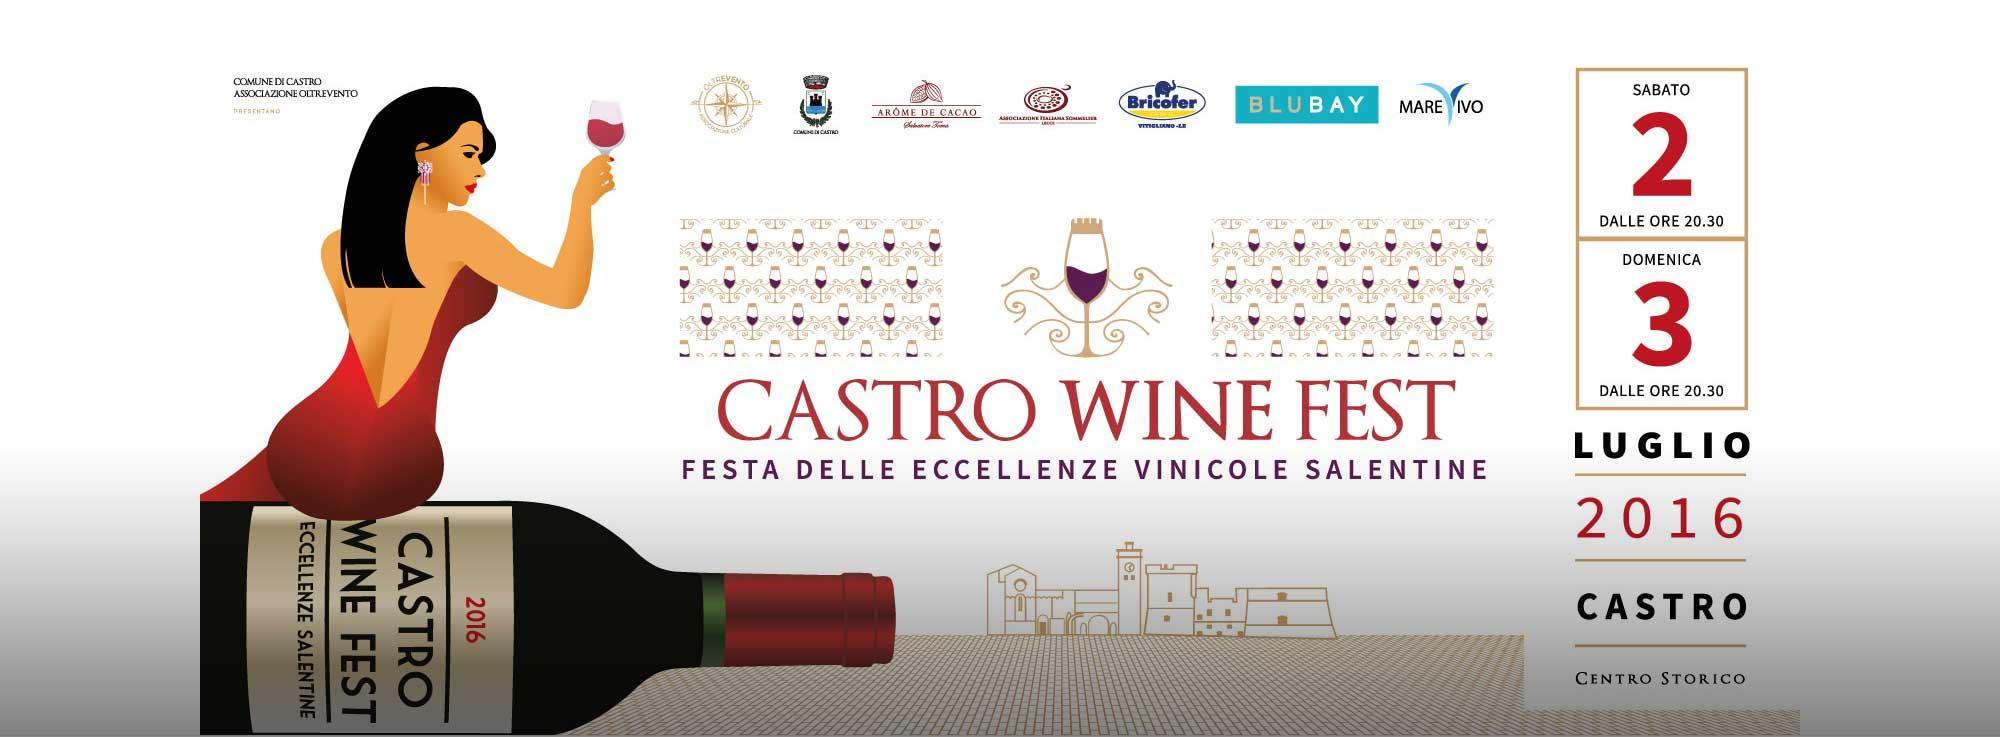 Castro: Castro Wine Fest 2016